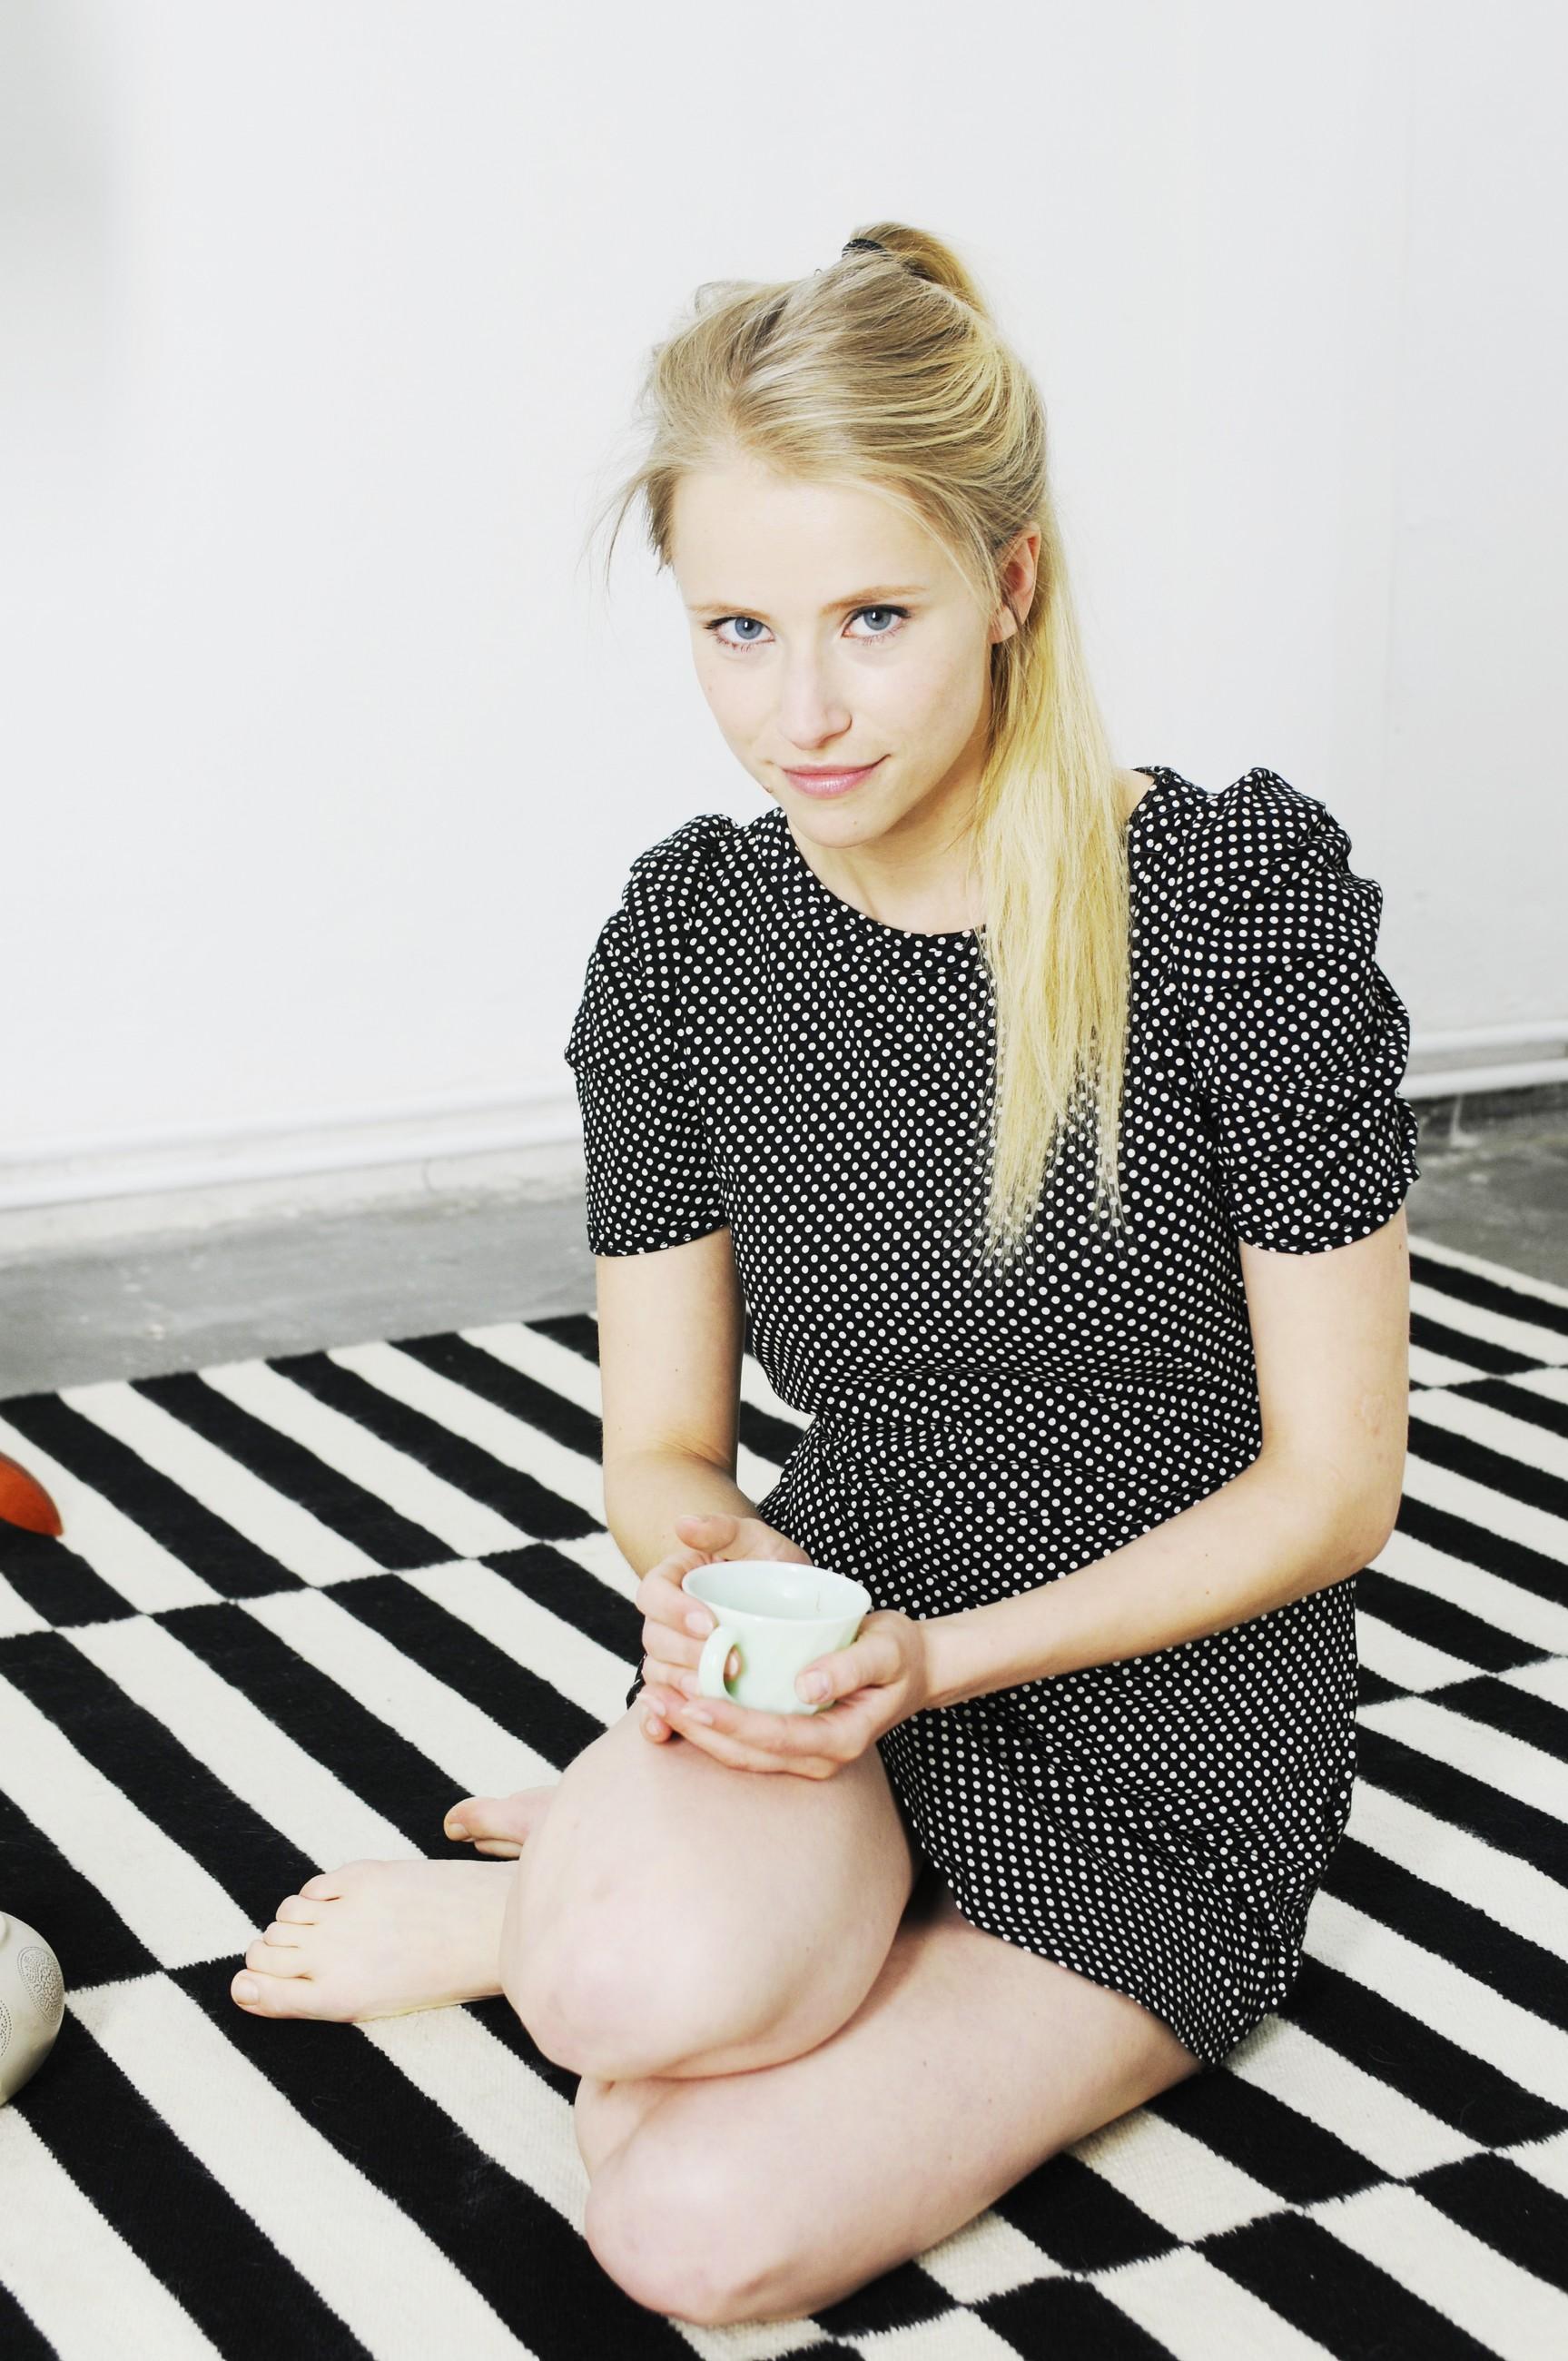 Susanne Bormann Nude Photos 54